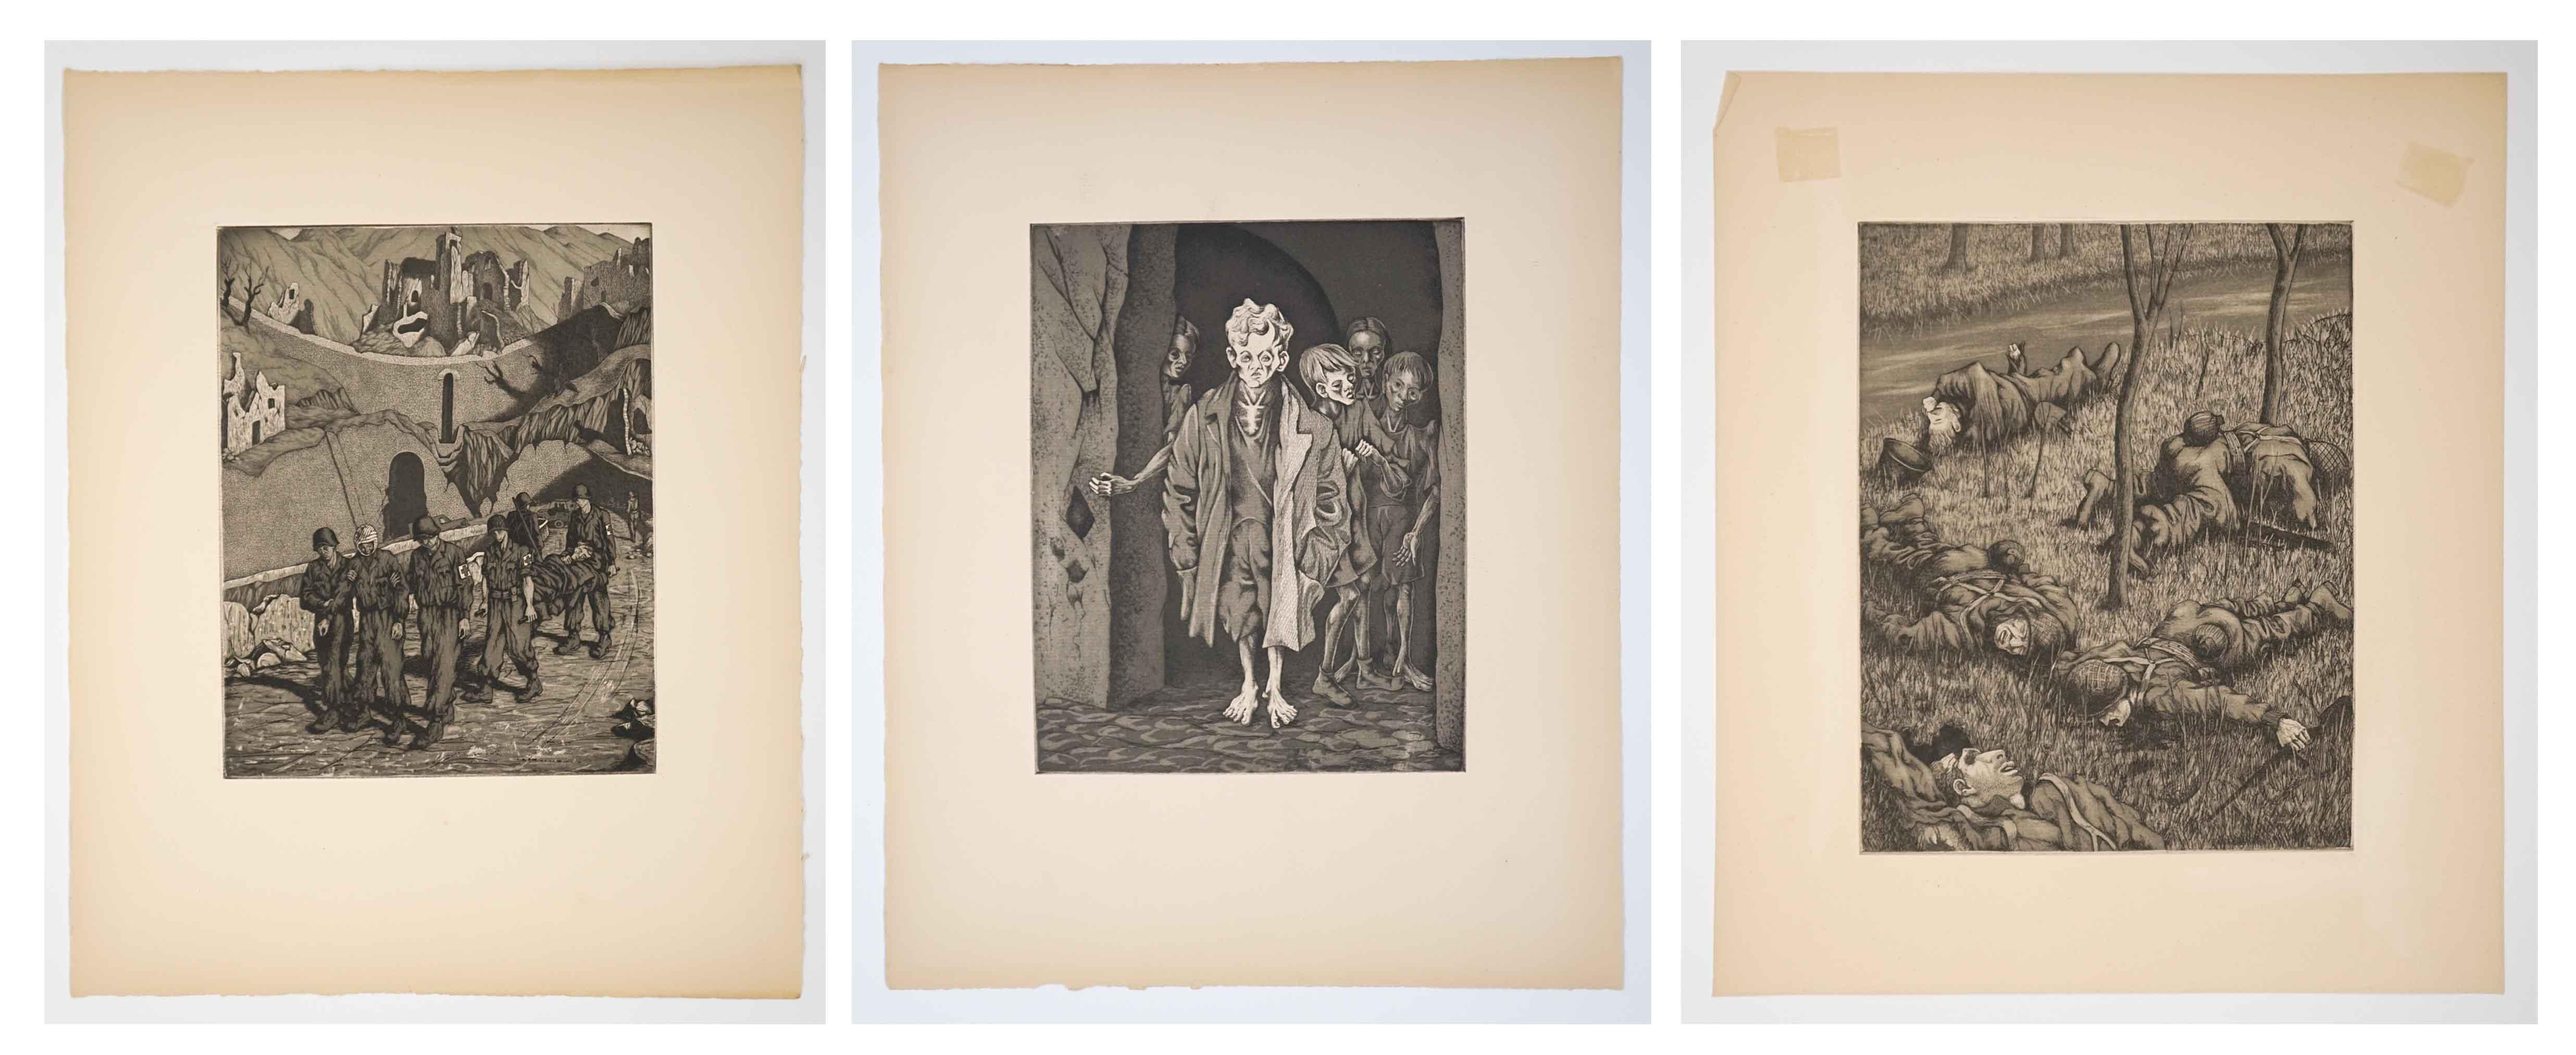 Wild Grass II Canvas Artwork 7.8 x 30 Global Gallery Chris Paschke